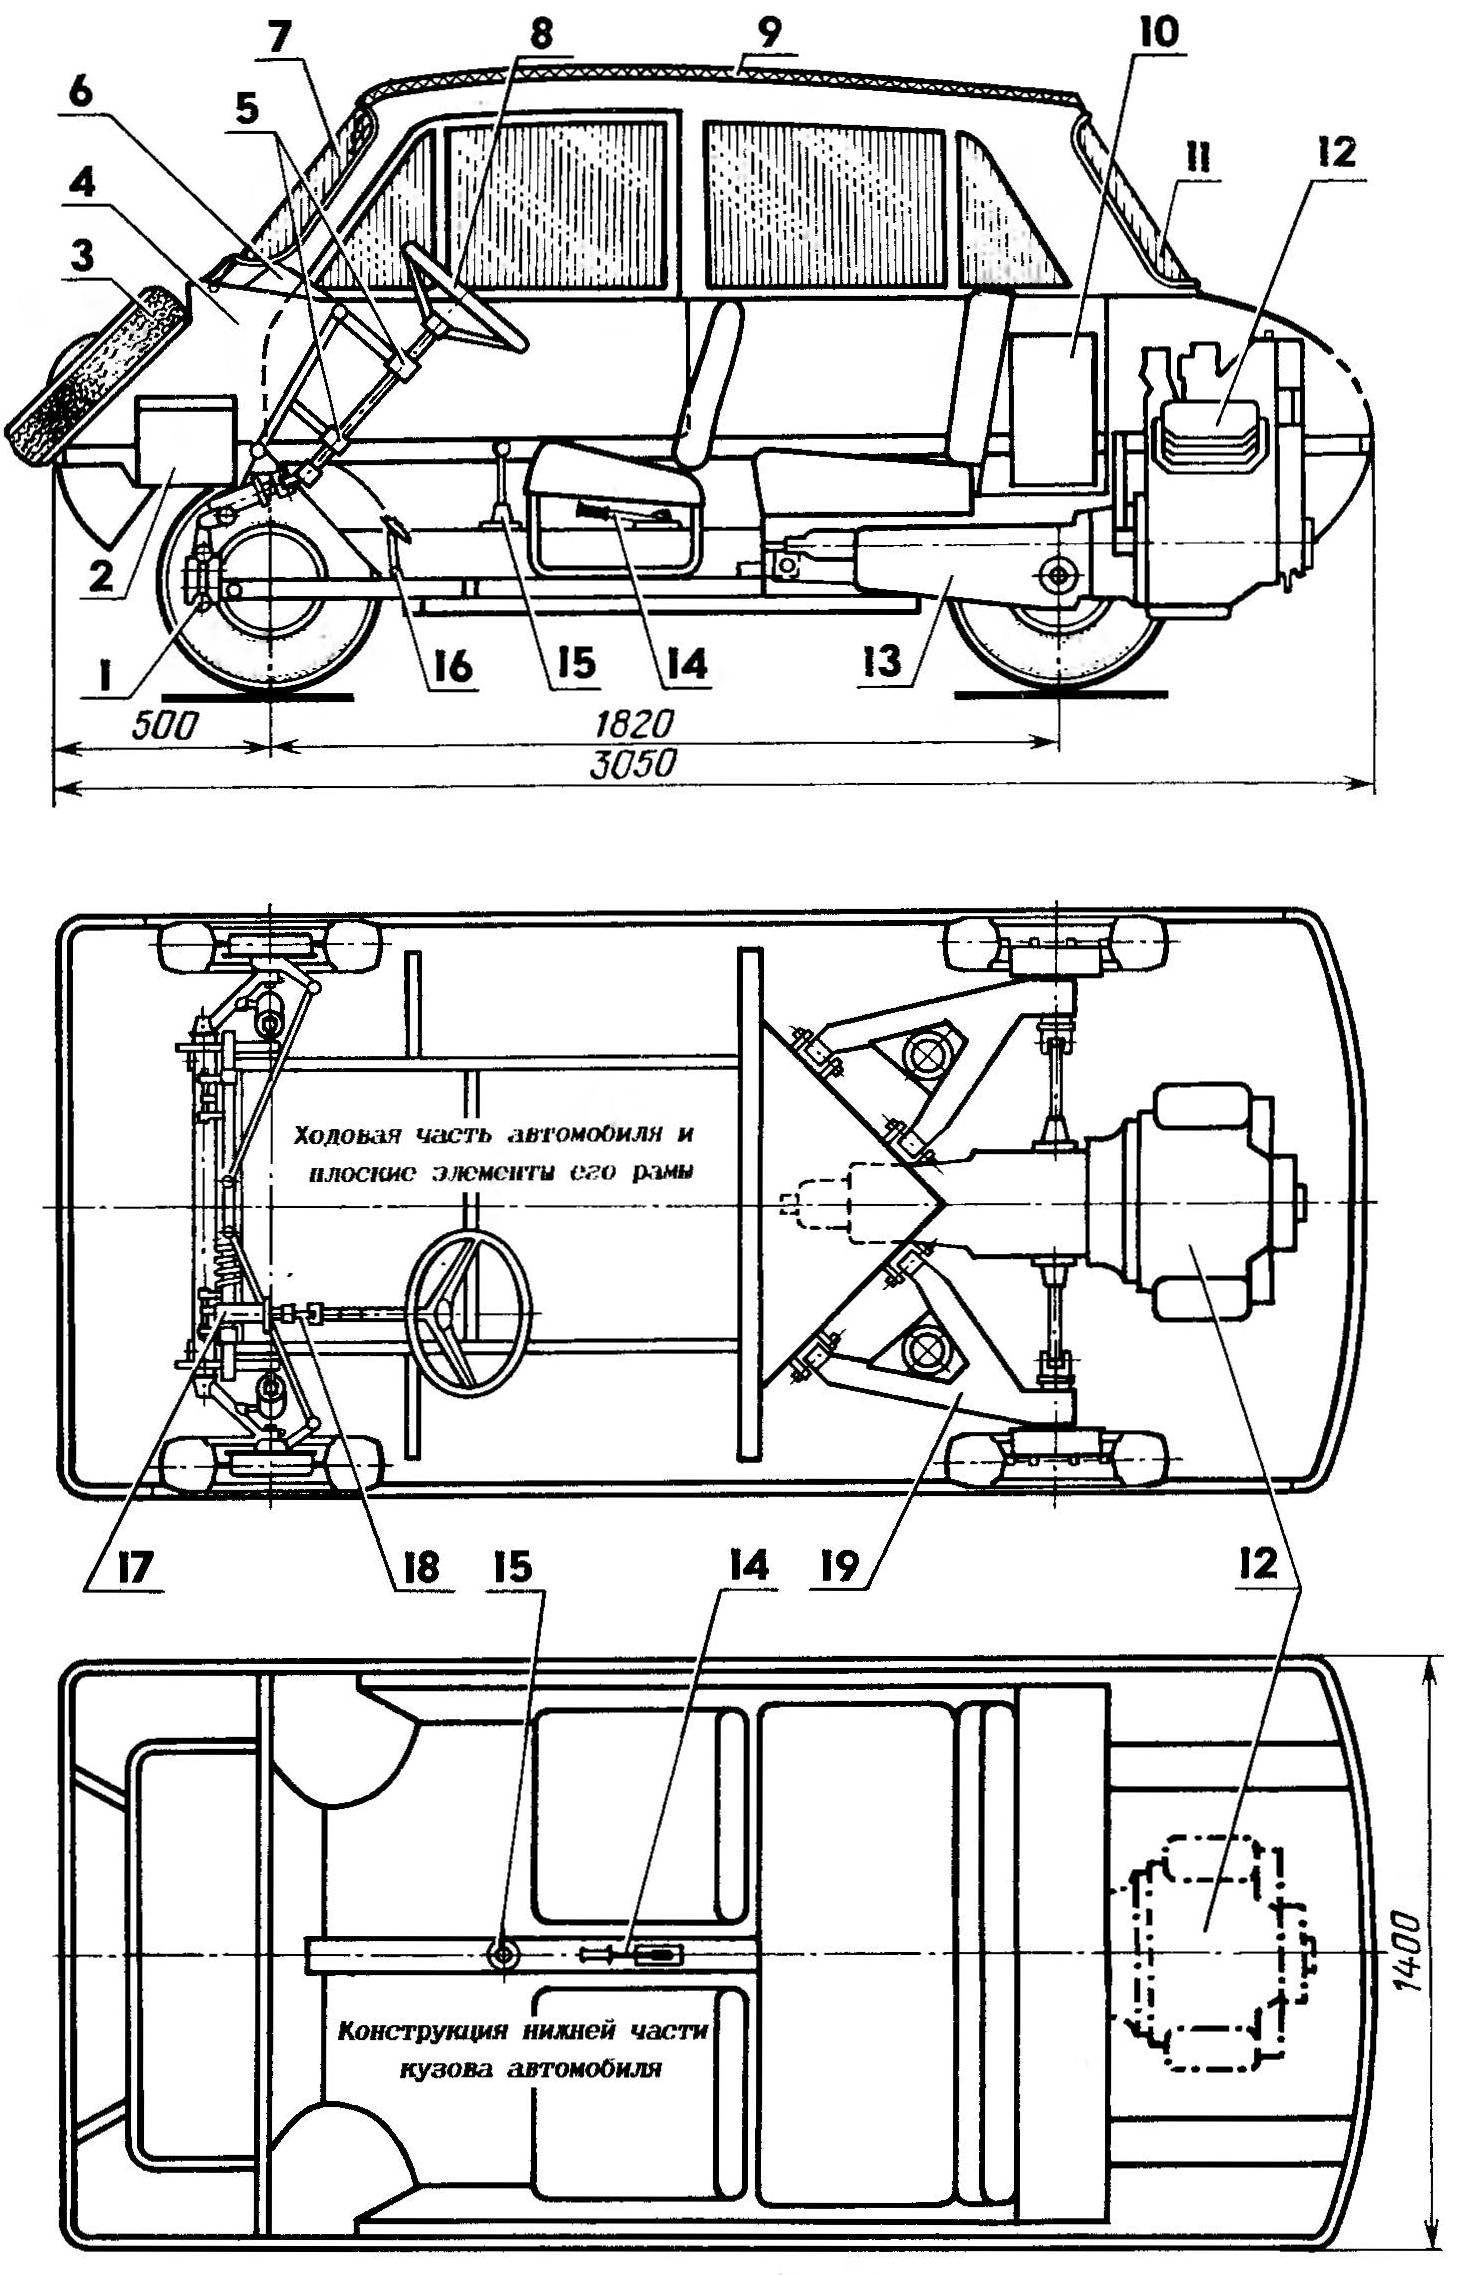 Р и с. 1. Автомобиль «Дельта» конструкции В. Таранухи Я. Хайновского